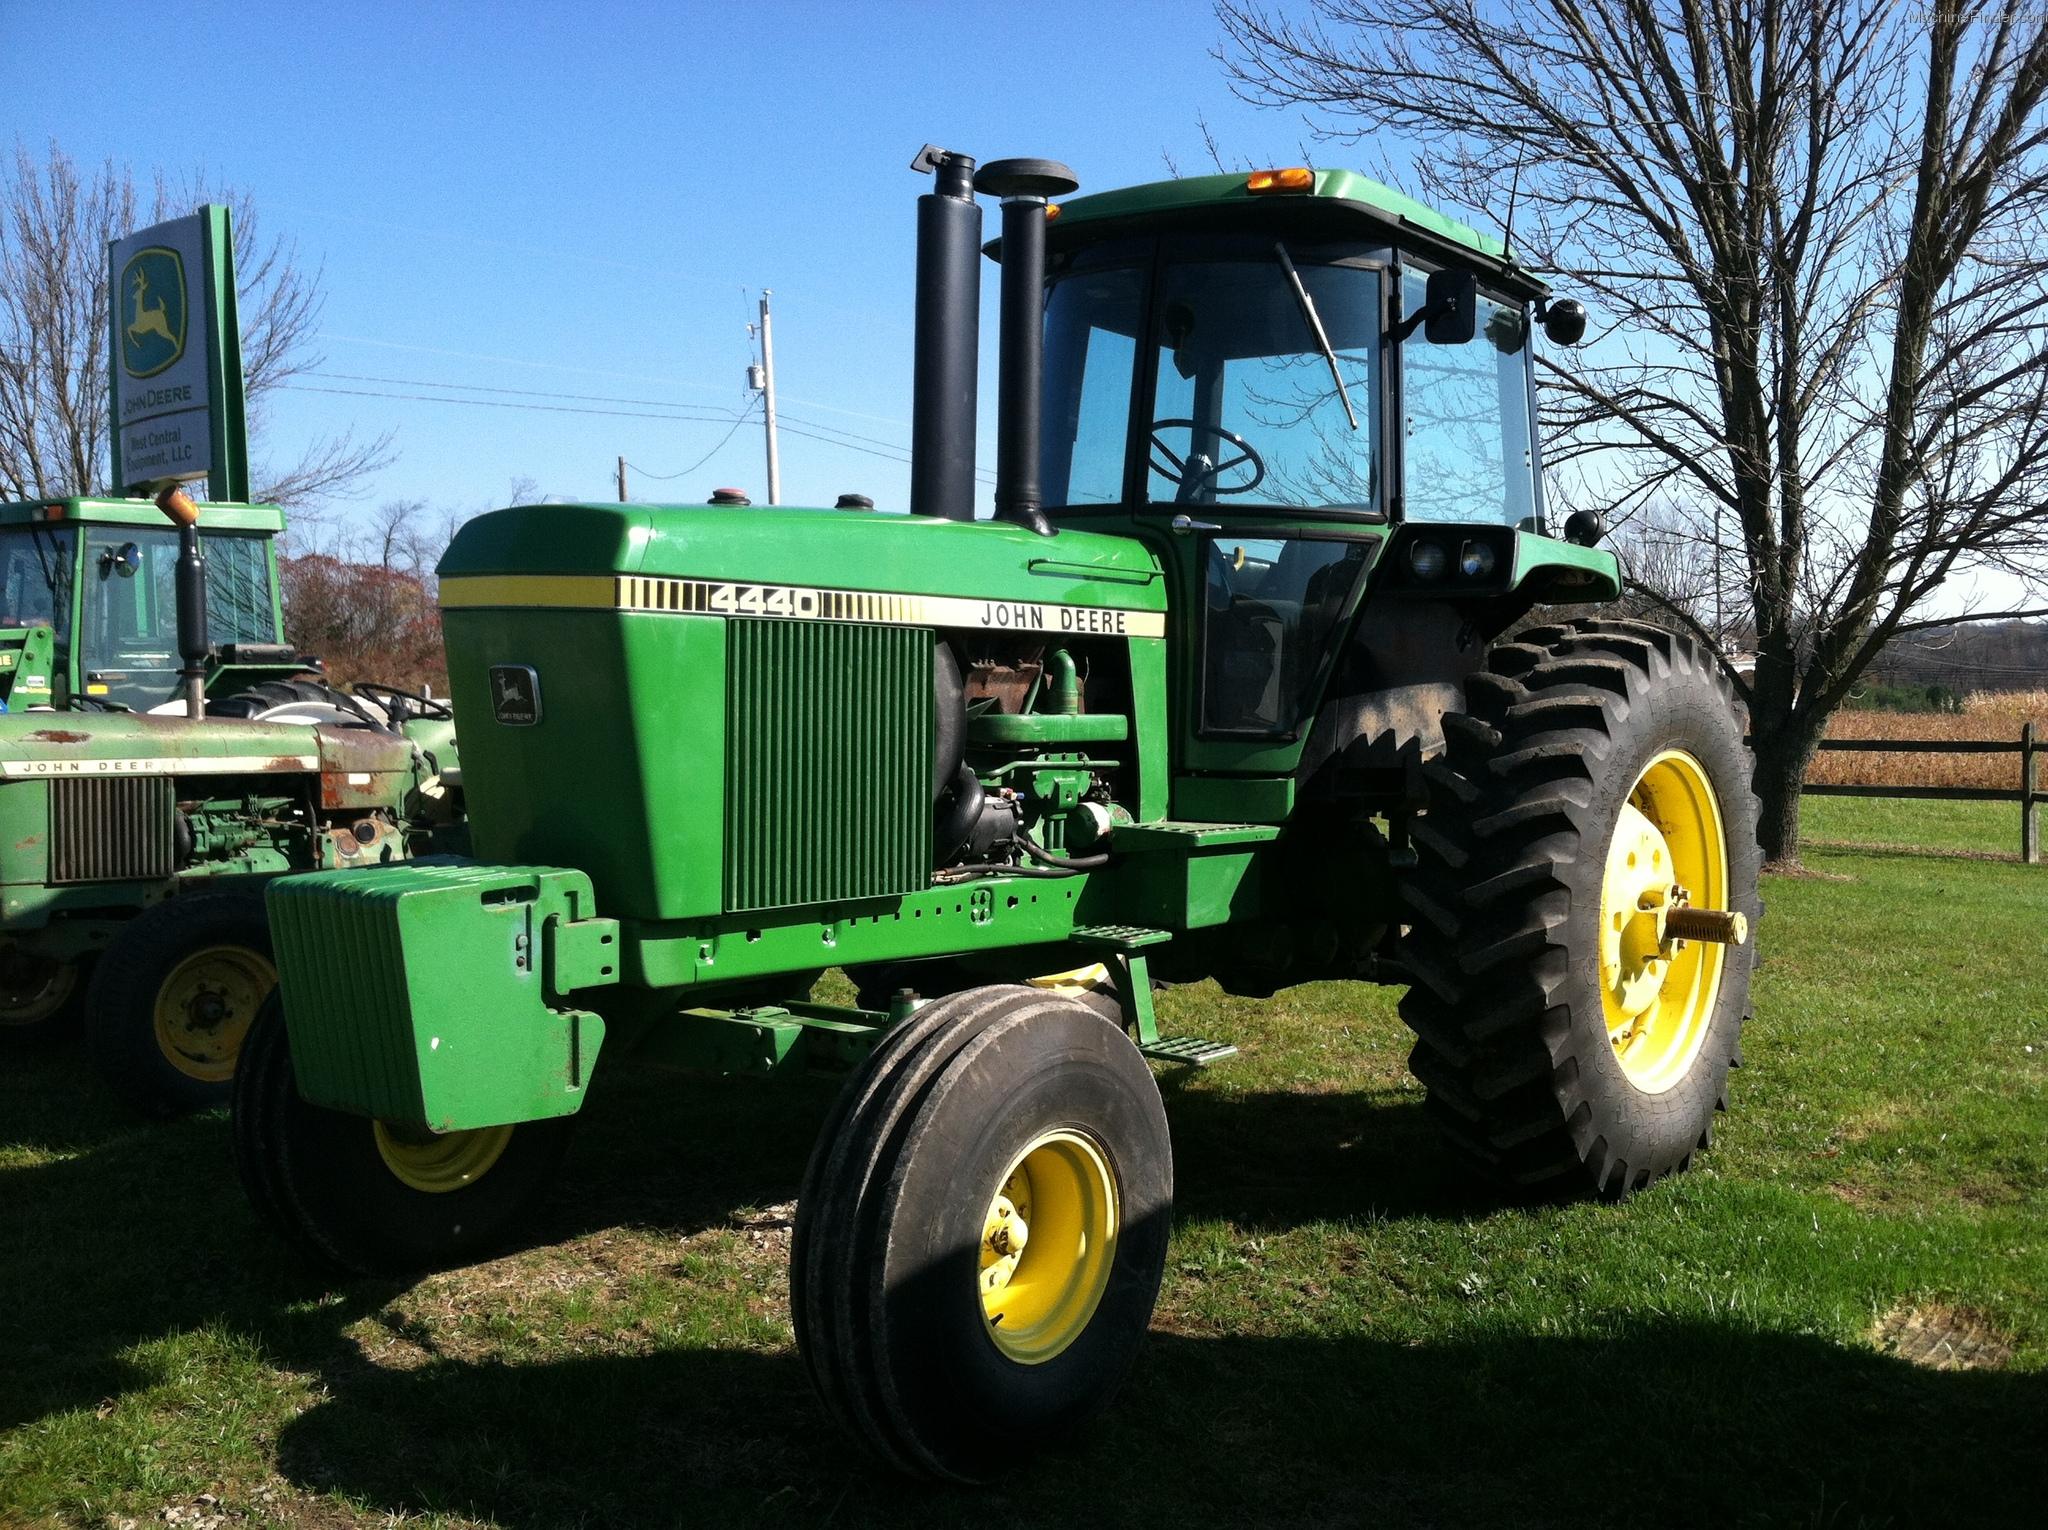 John Deere 4440 Rim : John deere tractors row crop hp